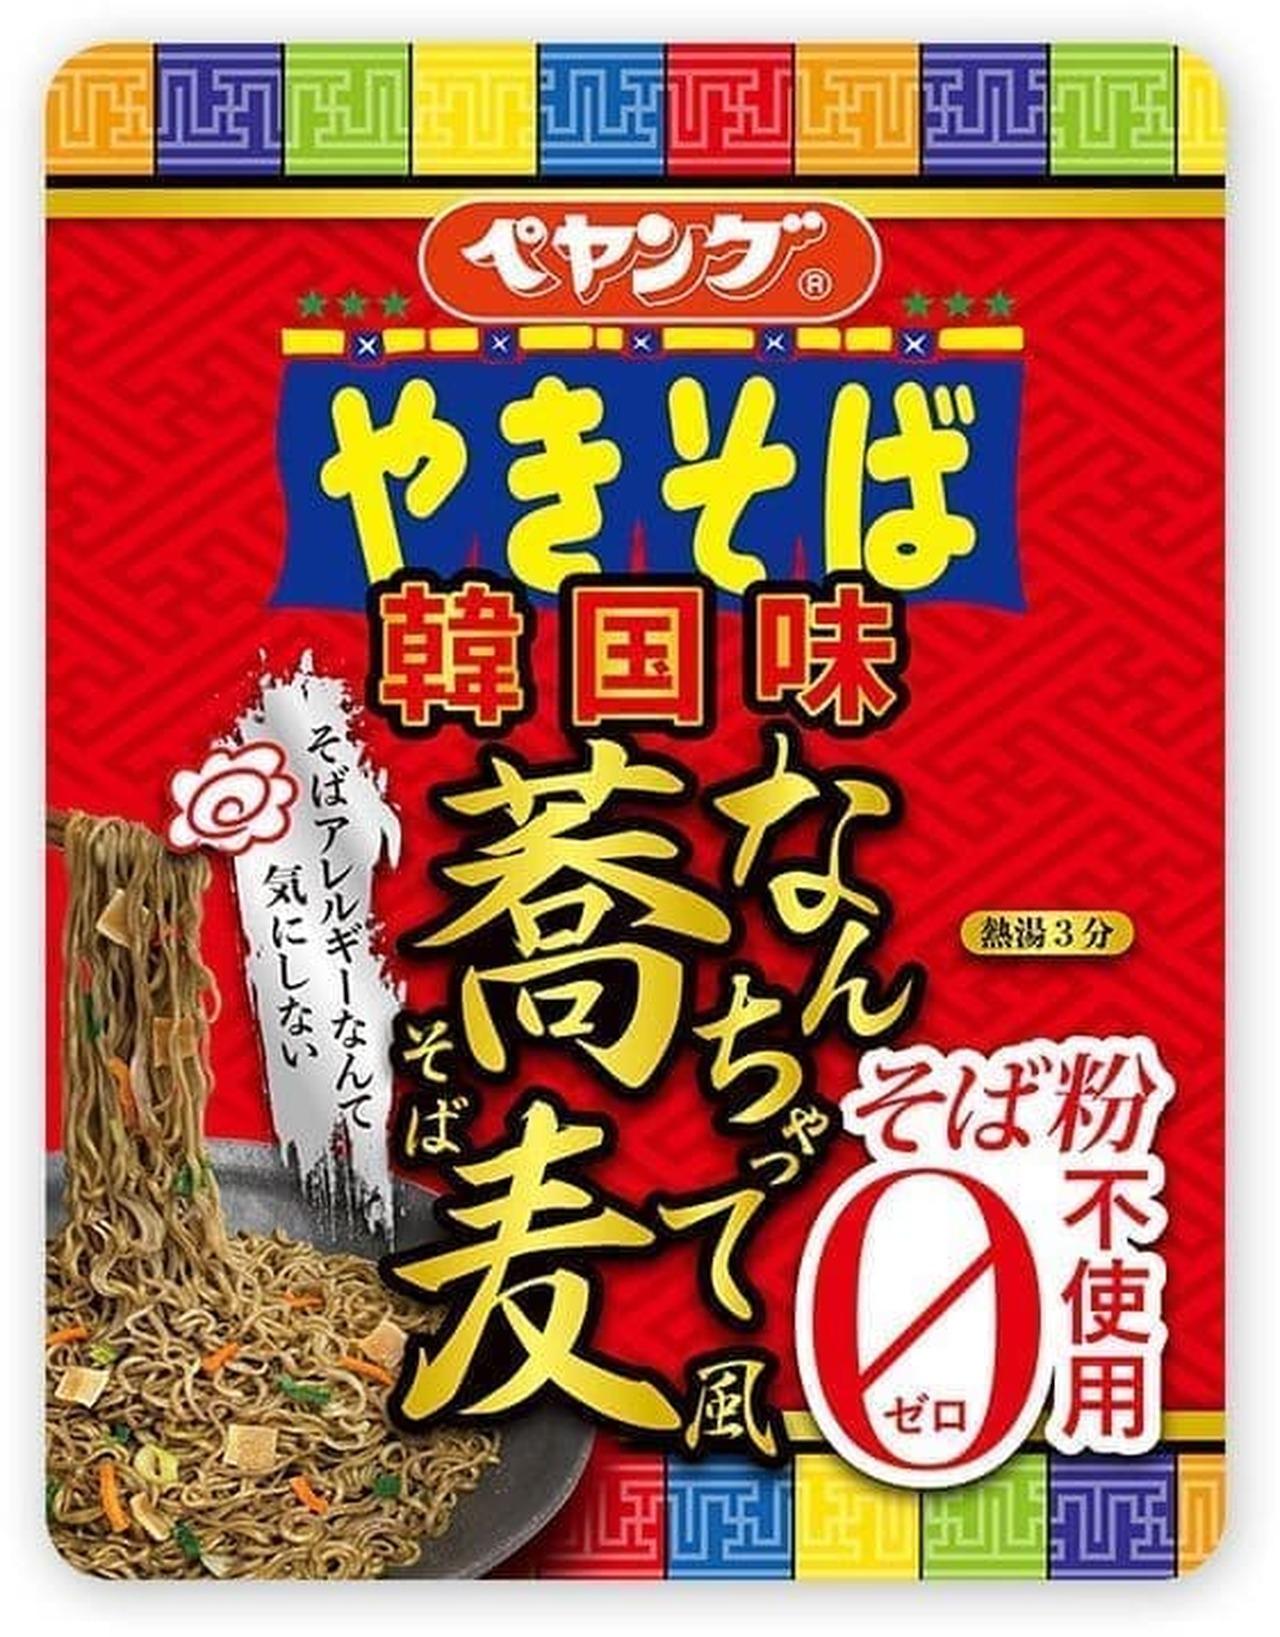 まるか食品「ペヤング 韓国味 なんちゃって蕎麦風」